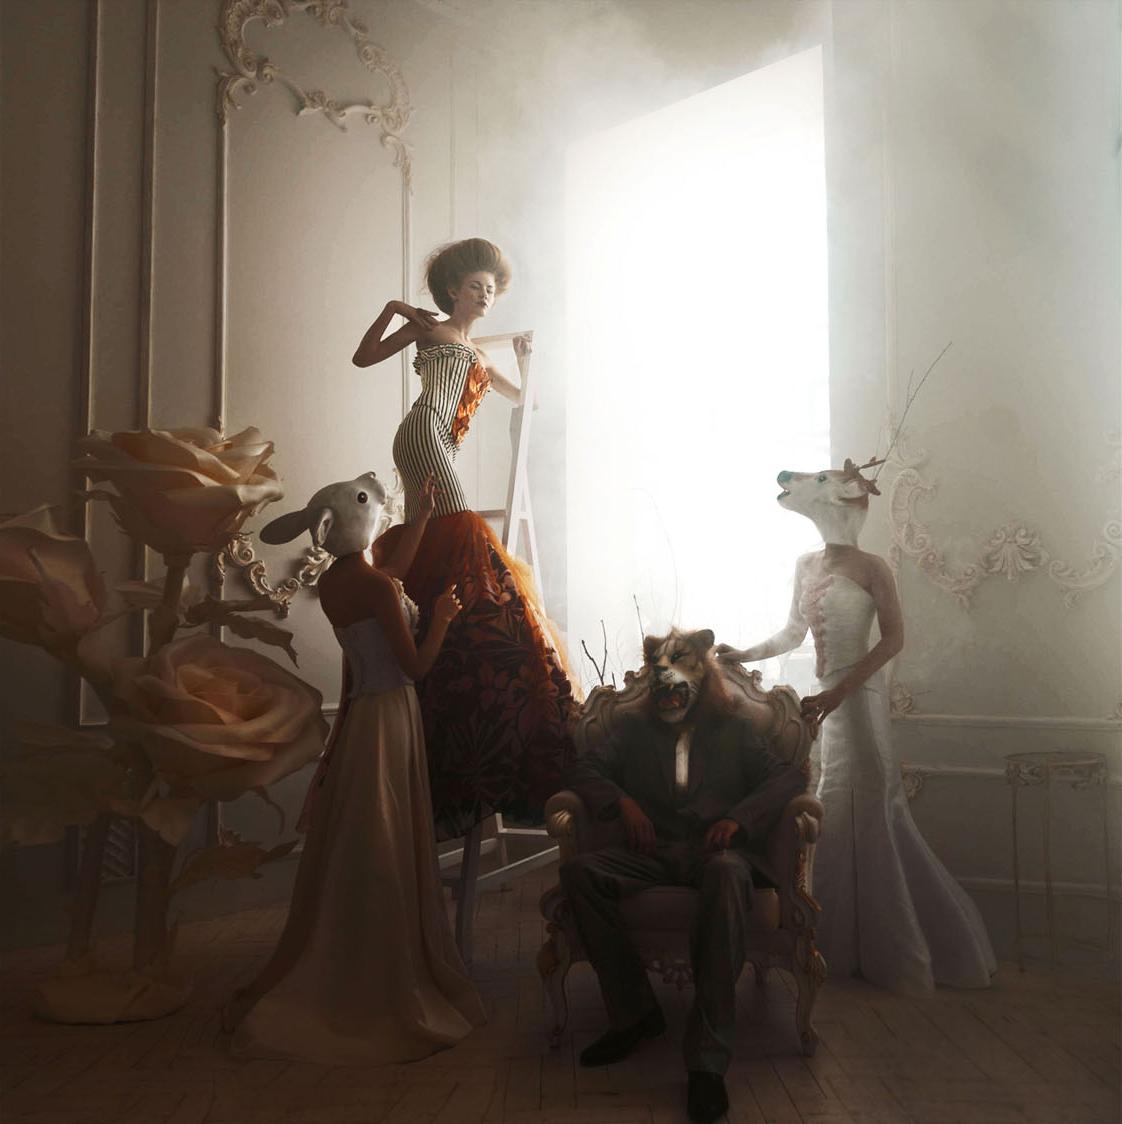 «Η Αλίκη στη Χώρα των Θαυμάτων», κατηγορία Επεξεργασμένη Εικόνα. Η φωτογράφος προσεγγίζει με τον δικό της ξεχωριστό τρόπο το γνωστό παραμύθι